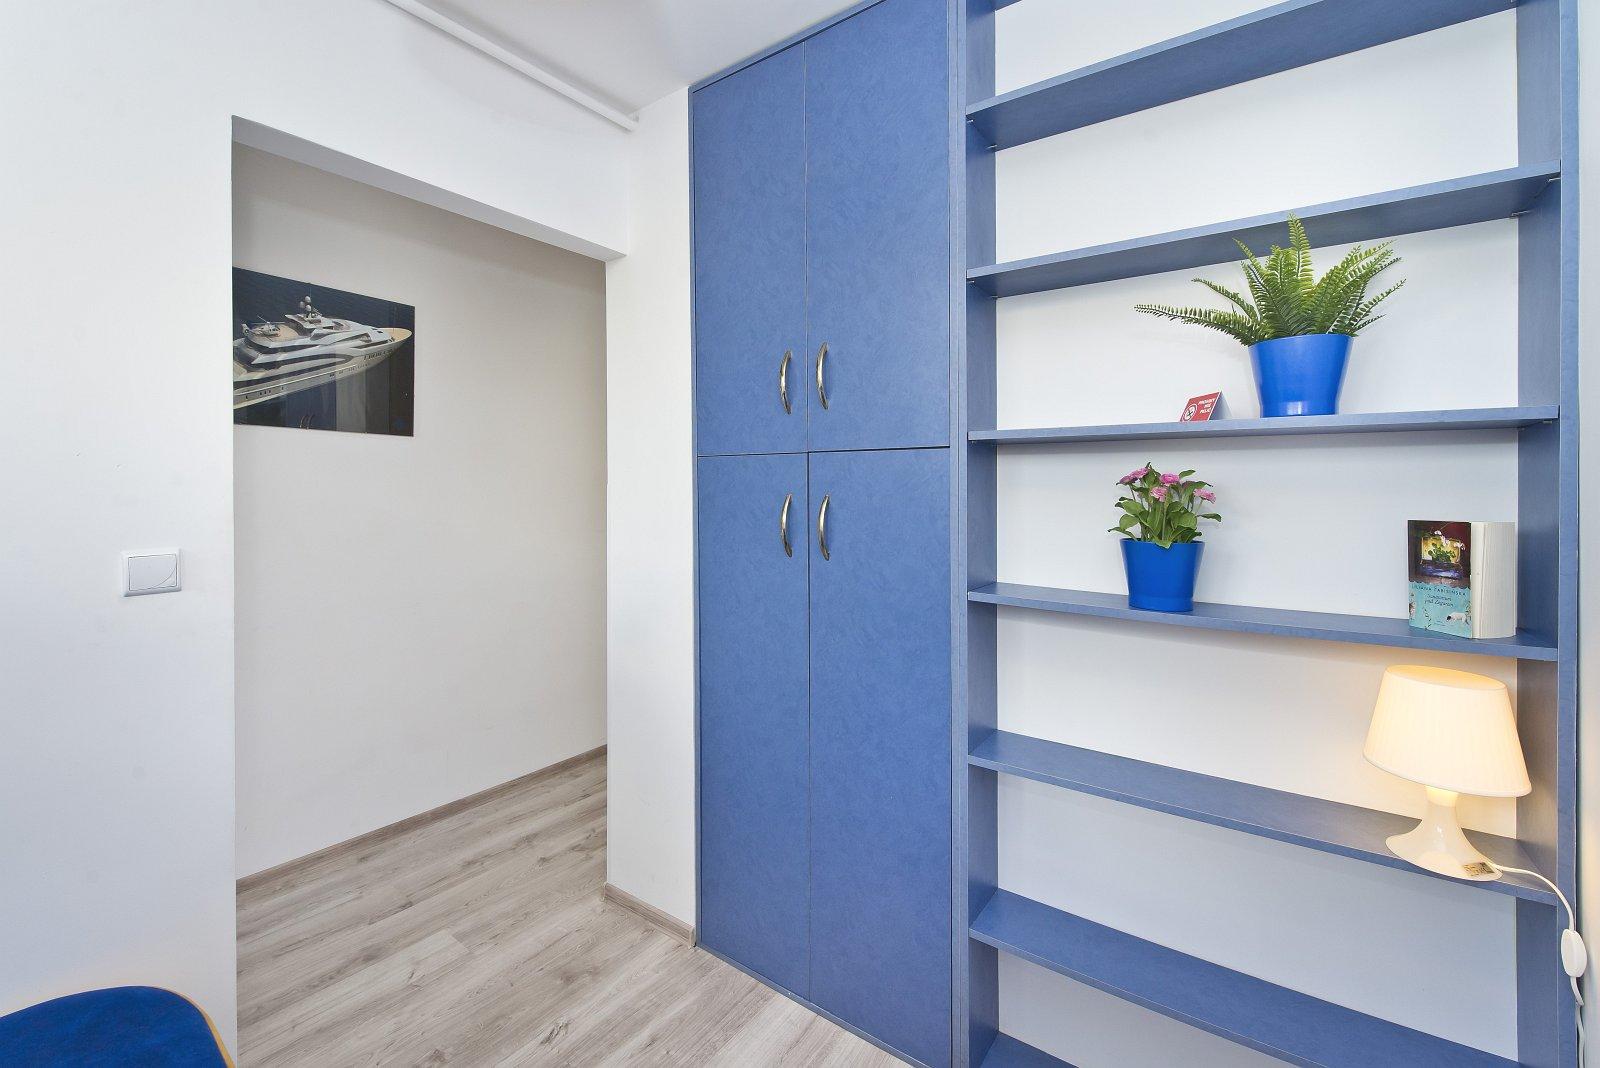 mieszkanie-wynajem-gdansk-k-02-05web